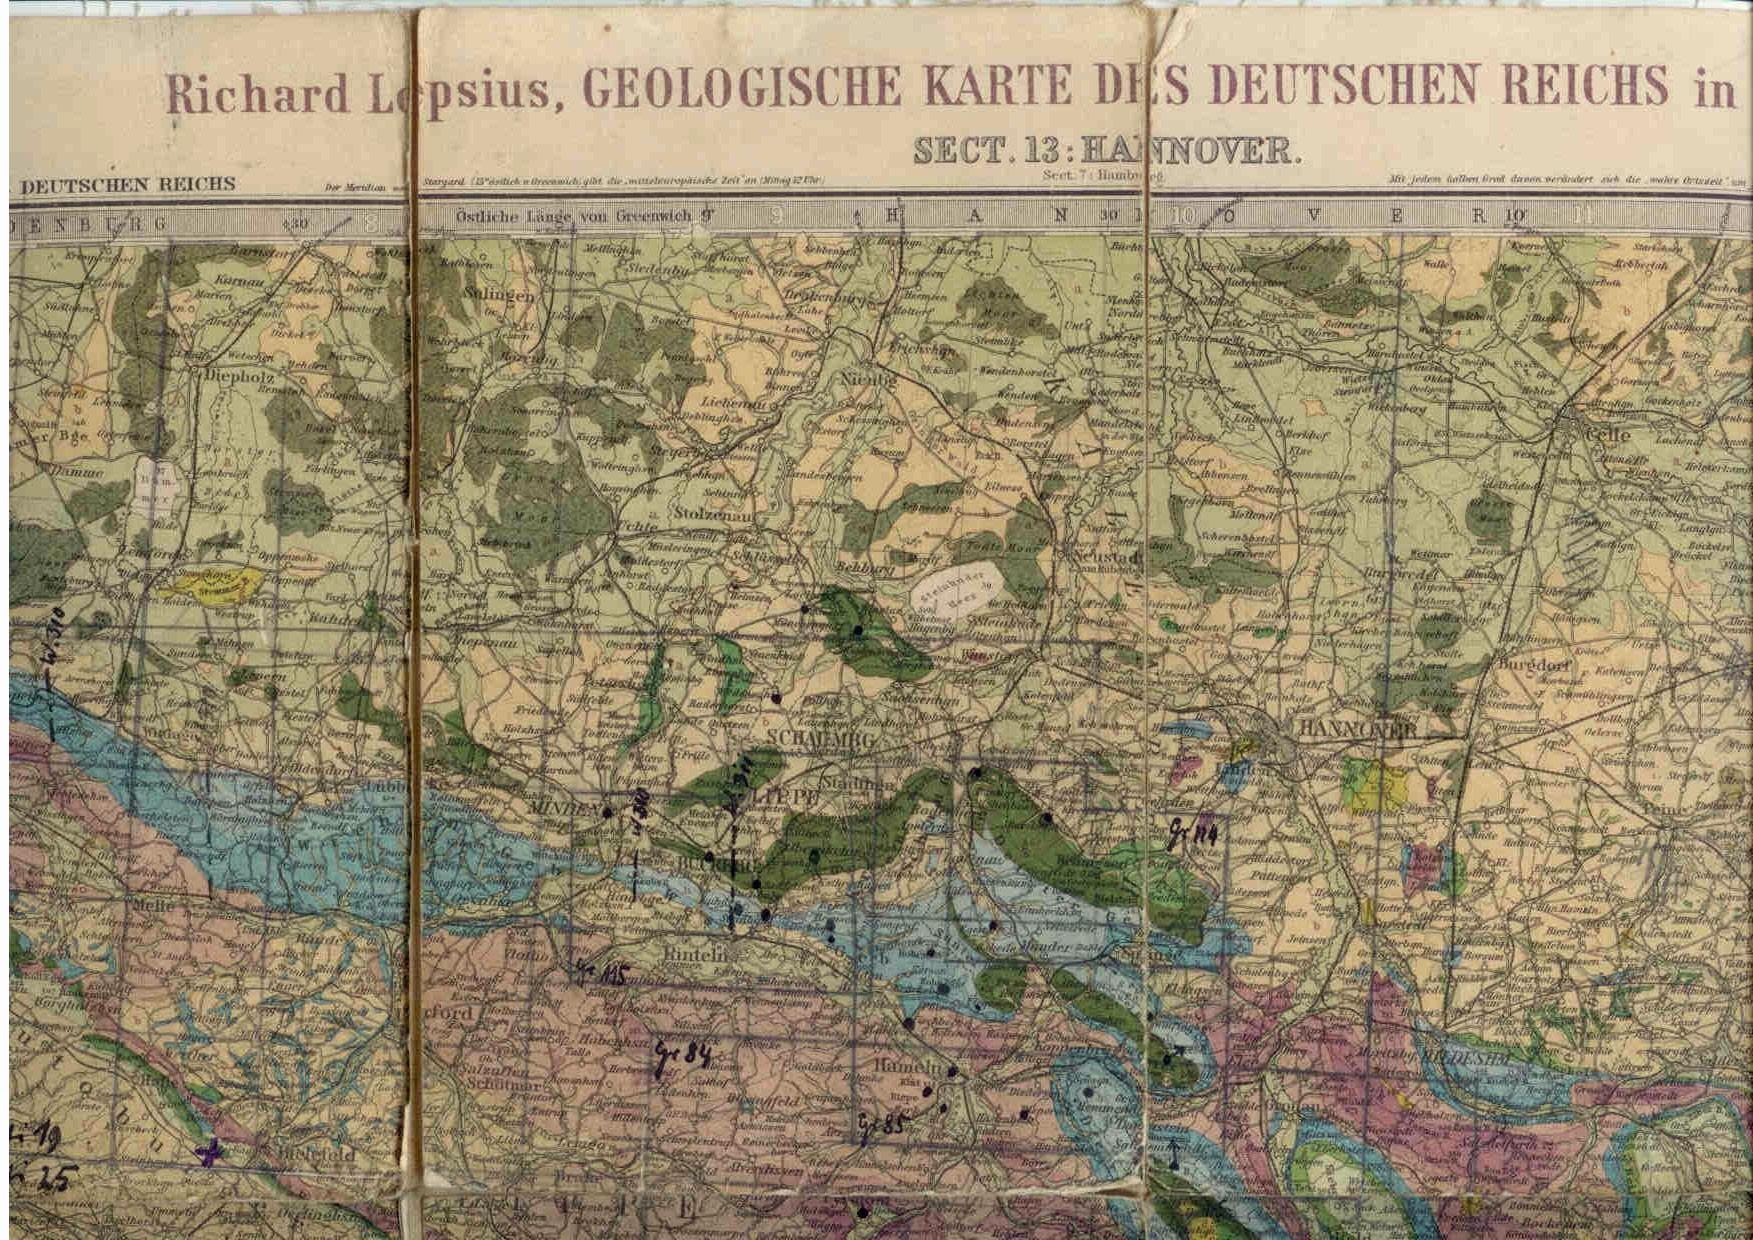 Vogel, C.: Geologische Karte des deutschen Reichs, Sect. 13 Hannover